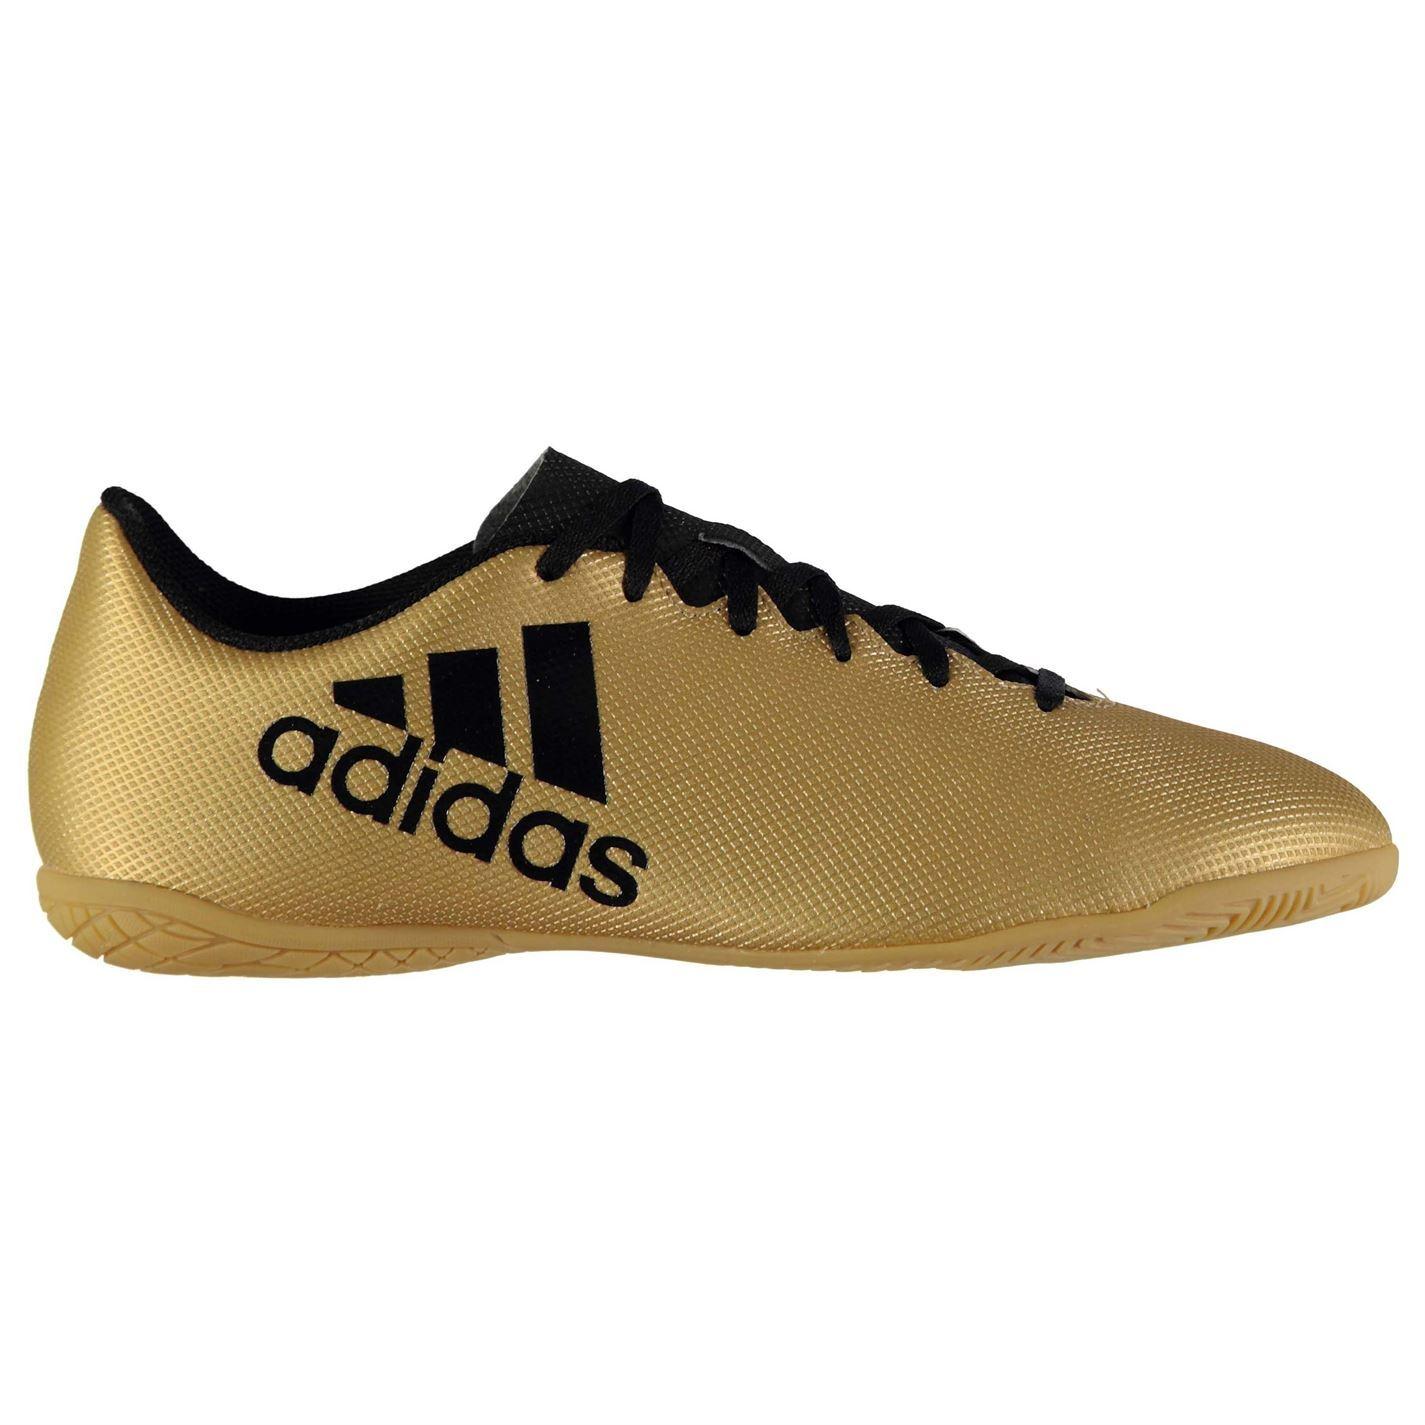 ... Adidas Tango X 1 7.4 interior fútbol entrenadores Mens oro negro fútbol  zapatillas de fútbol ... 098d6645a247a